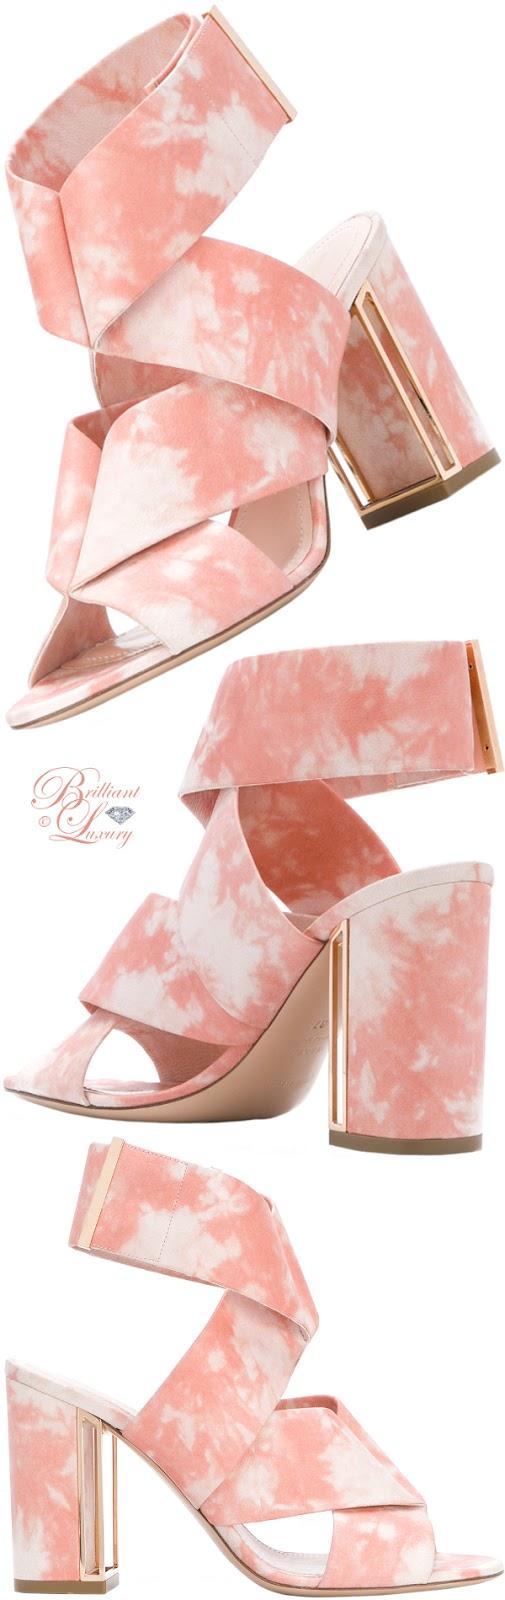 Brilliant Luxury ♦ Brilliant Luxury ♦ Nicolas Kirkwood Nini sandals